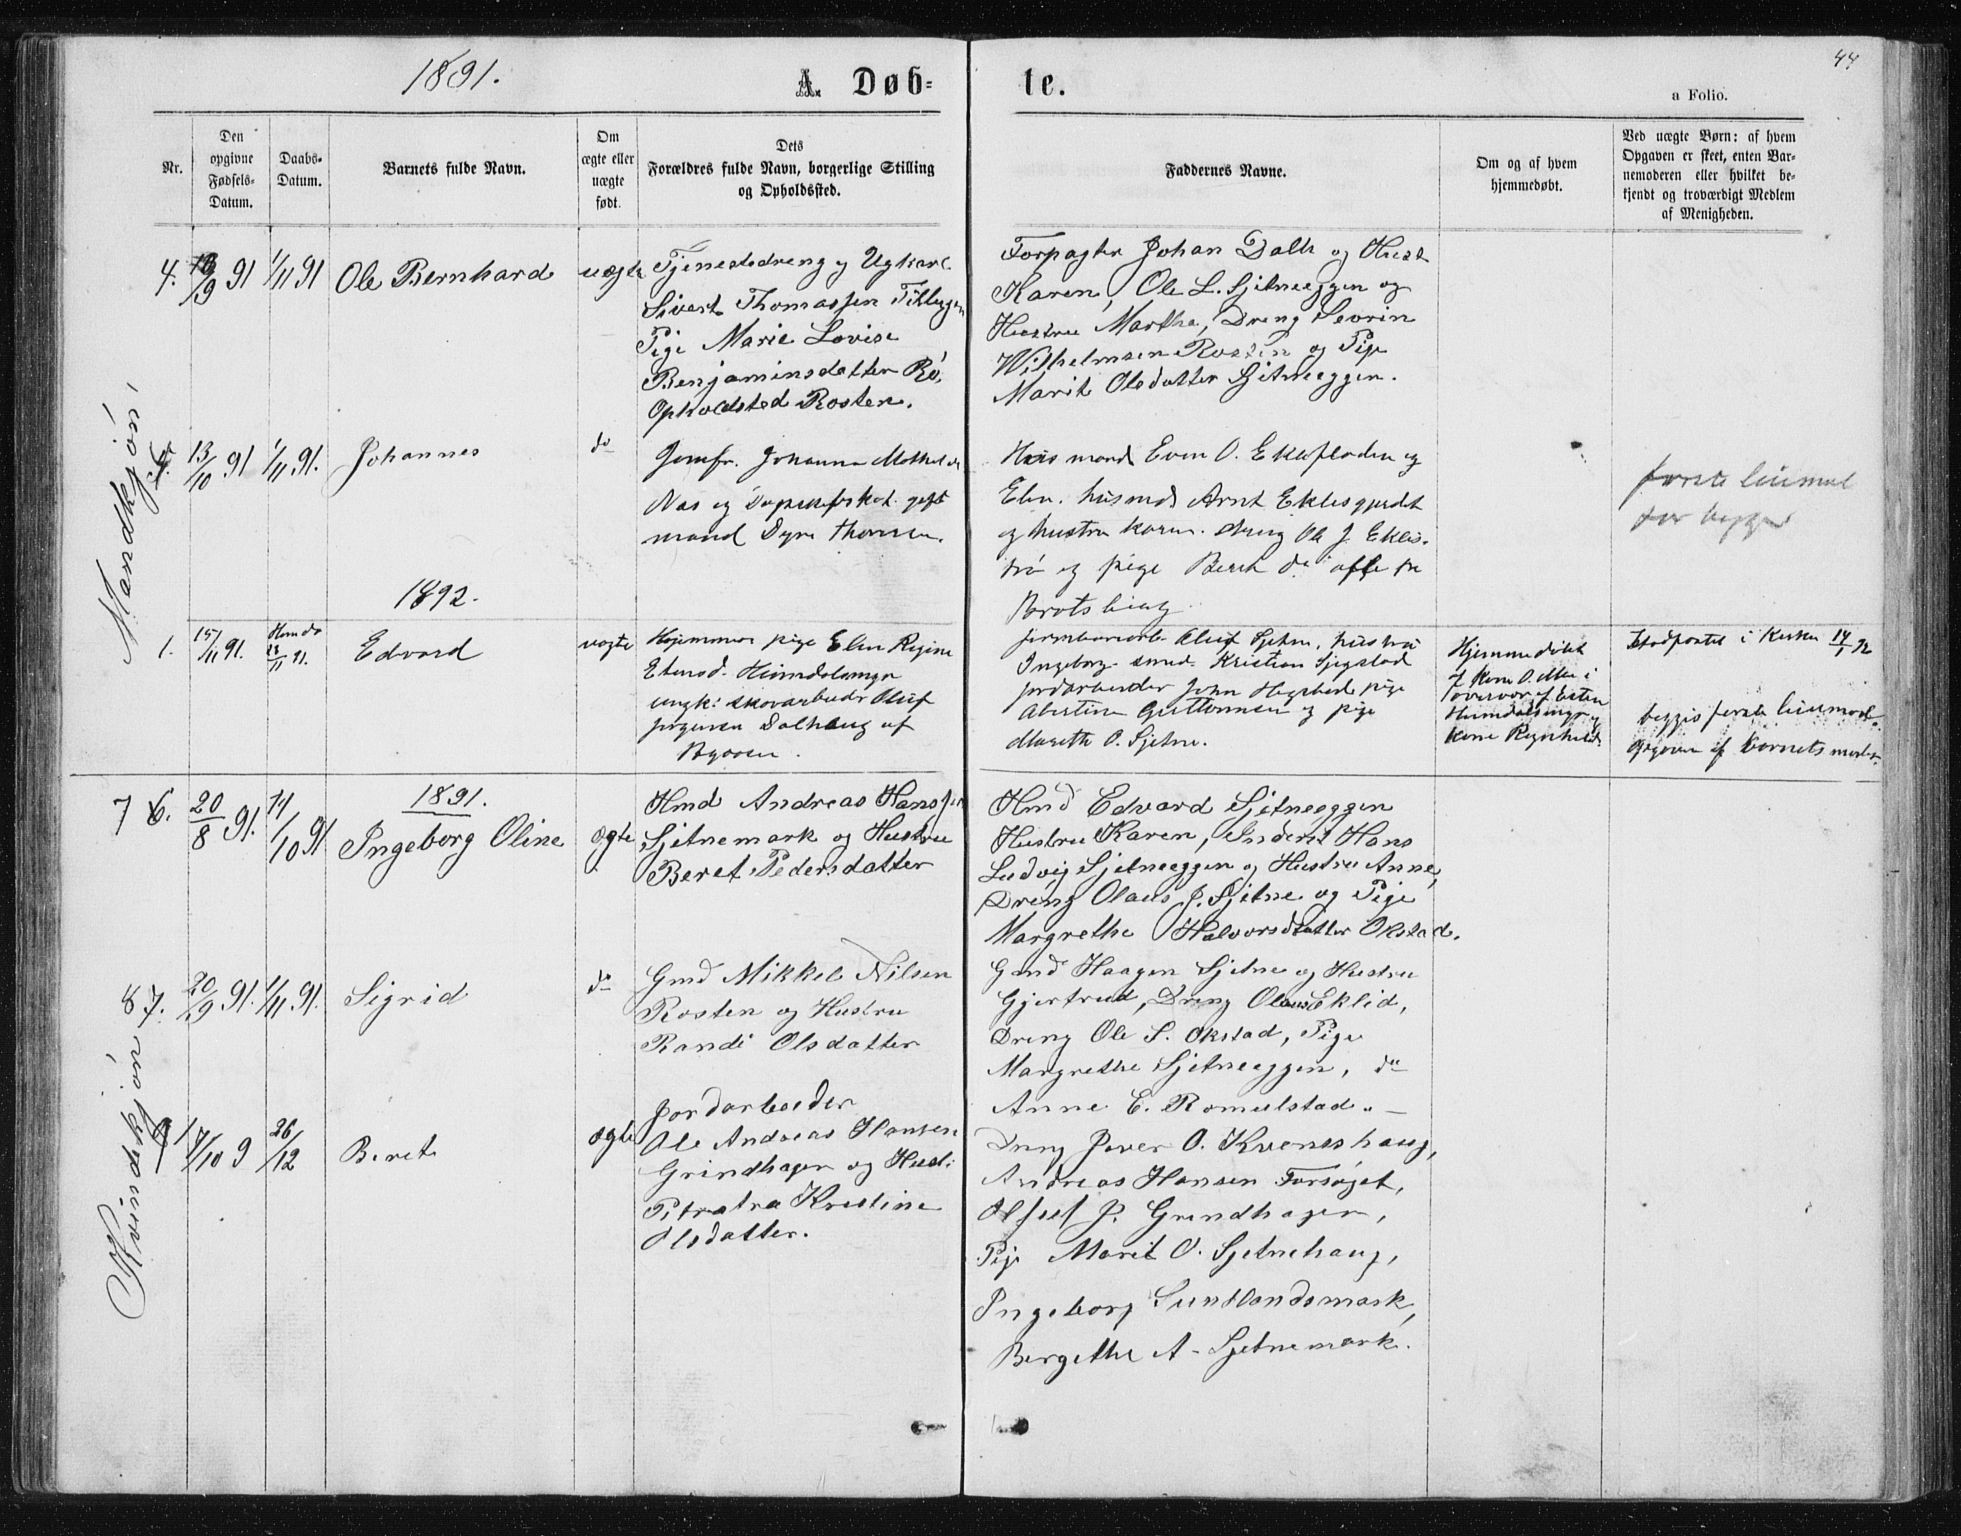 SAT, Ministerialprotokoller, klokkerbøker og fødselsregistre - Sør-Trøndelag, 621/L0459: Klokkerbok nr. 621C02, 1866-1895, s. 44